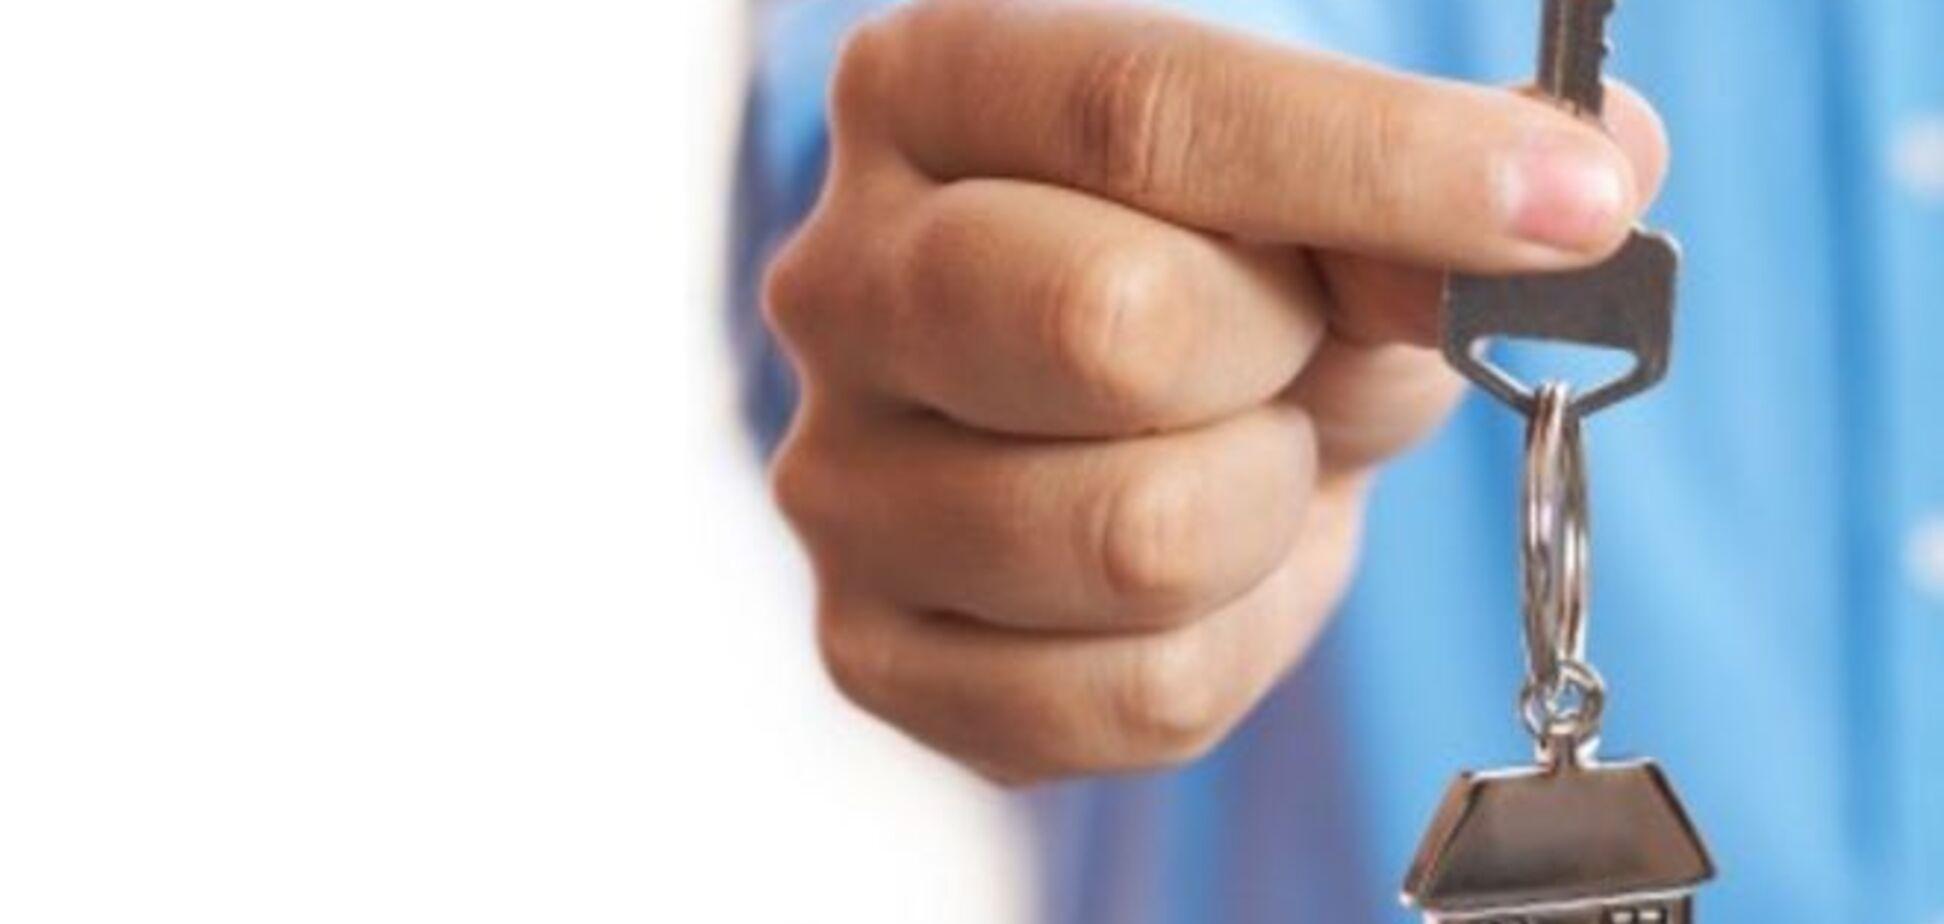 Неизвестный благотворитель купил квартиру раненому бойцу АТО: видеофакт